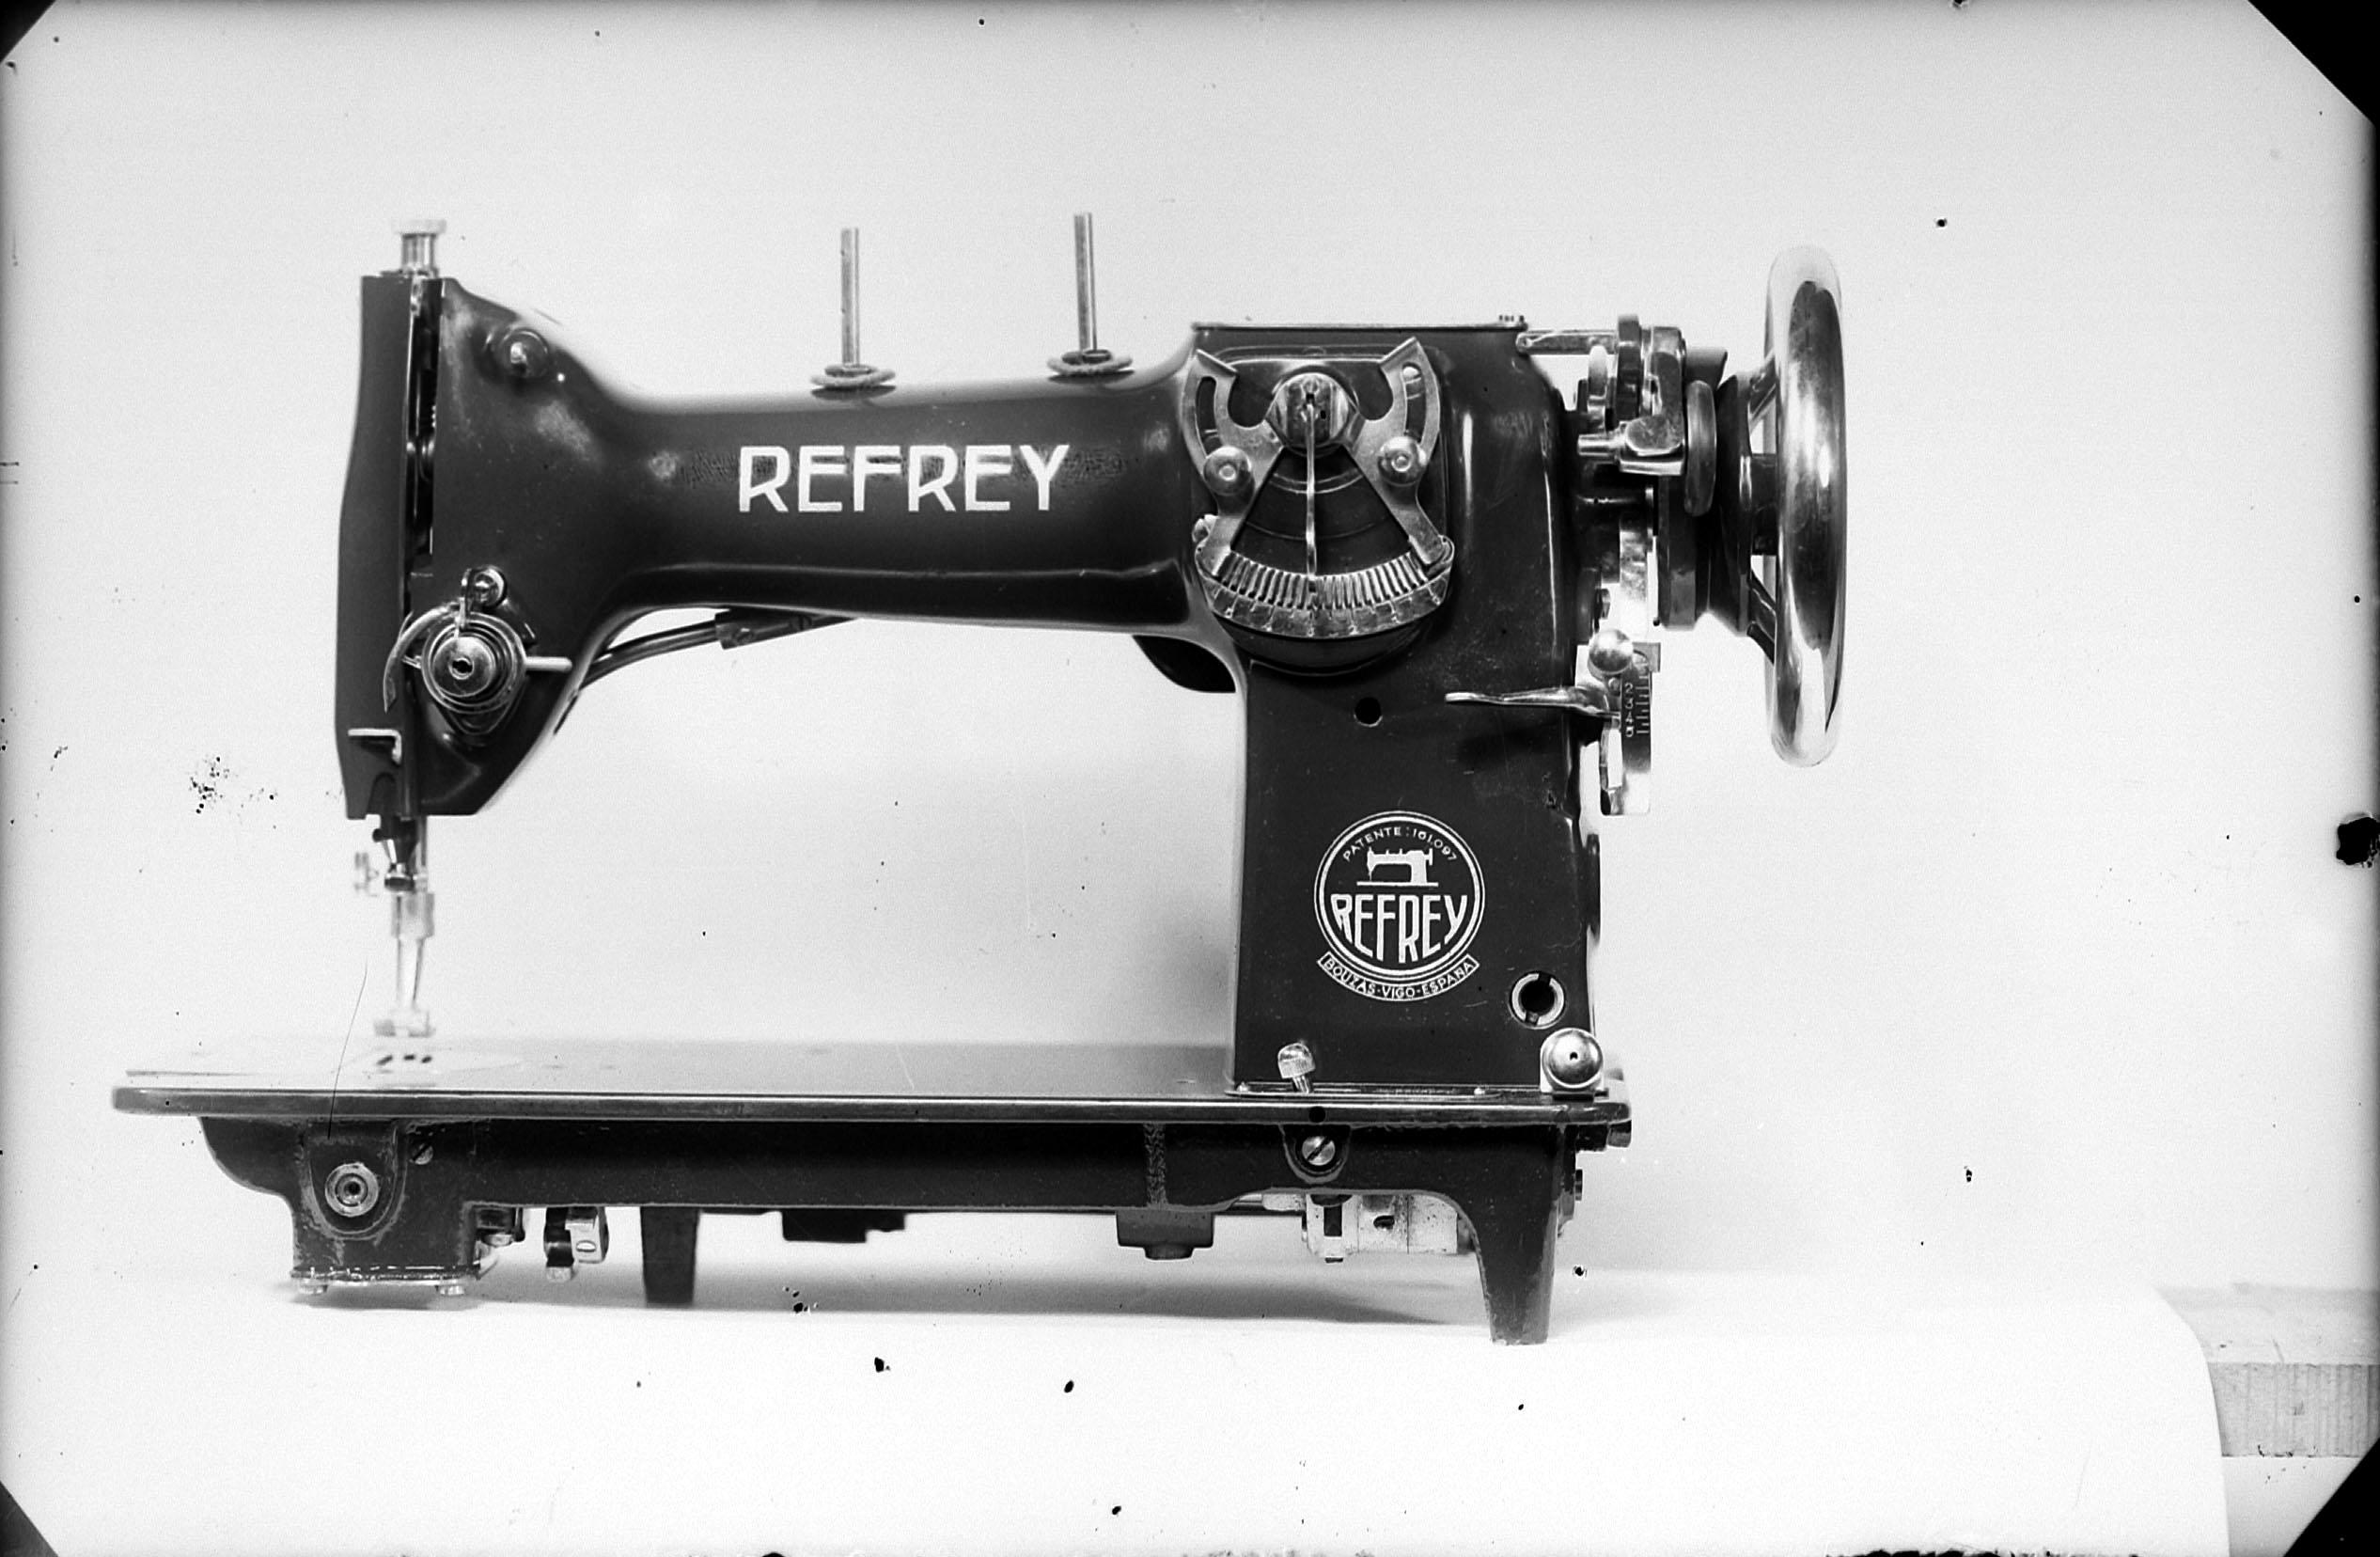 Regojo utilizaba máquinas Refrey